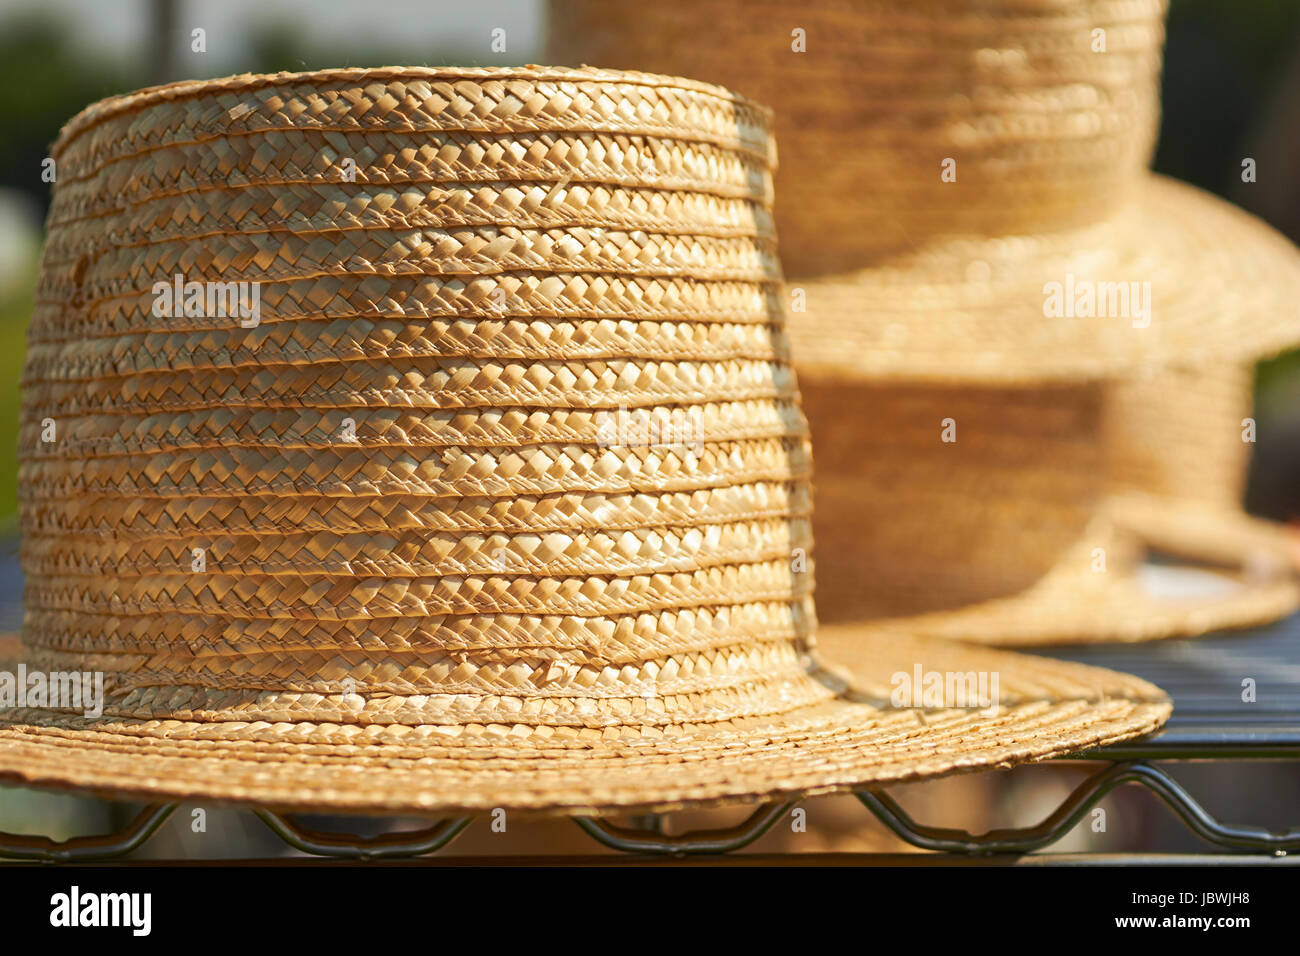 Estilo Amish sombreros de paja para la venta en un mercado de carretera  Imagen De Stock 854a7ef366a